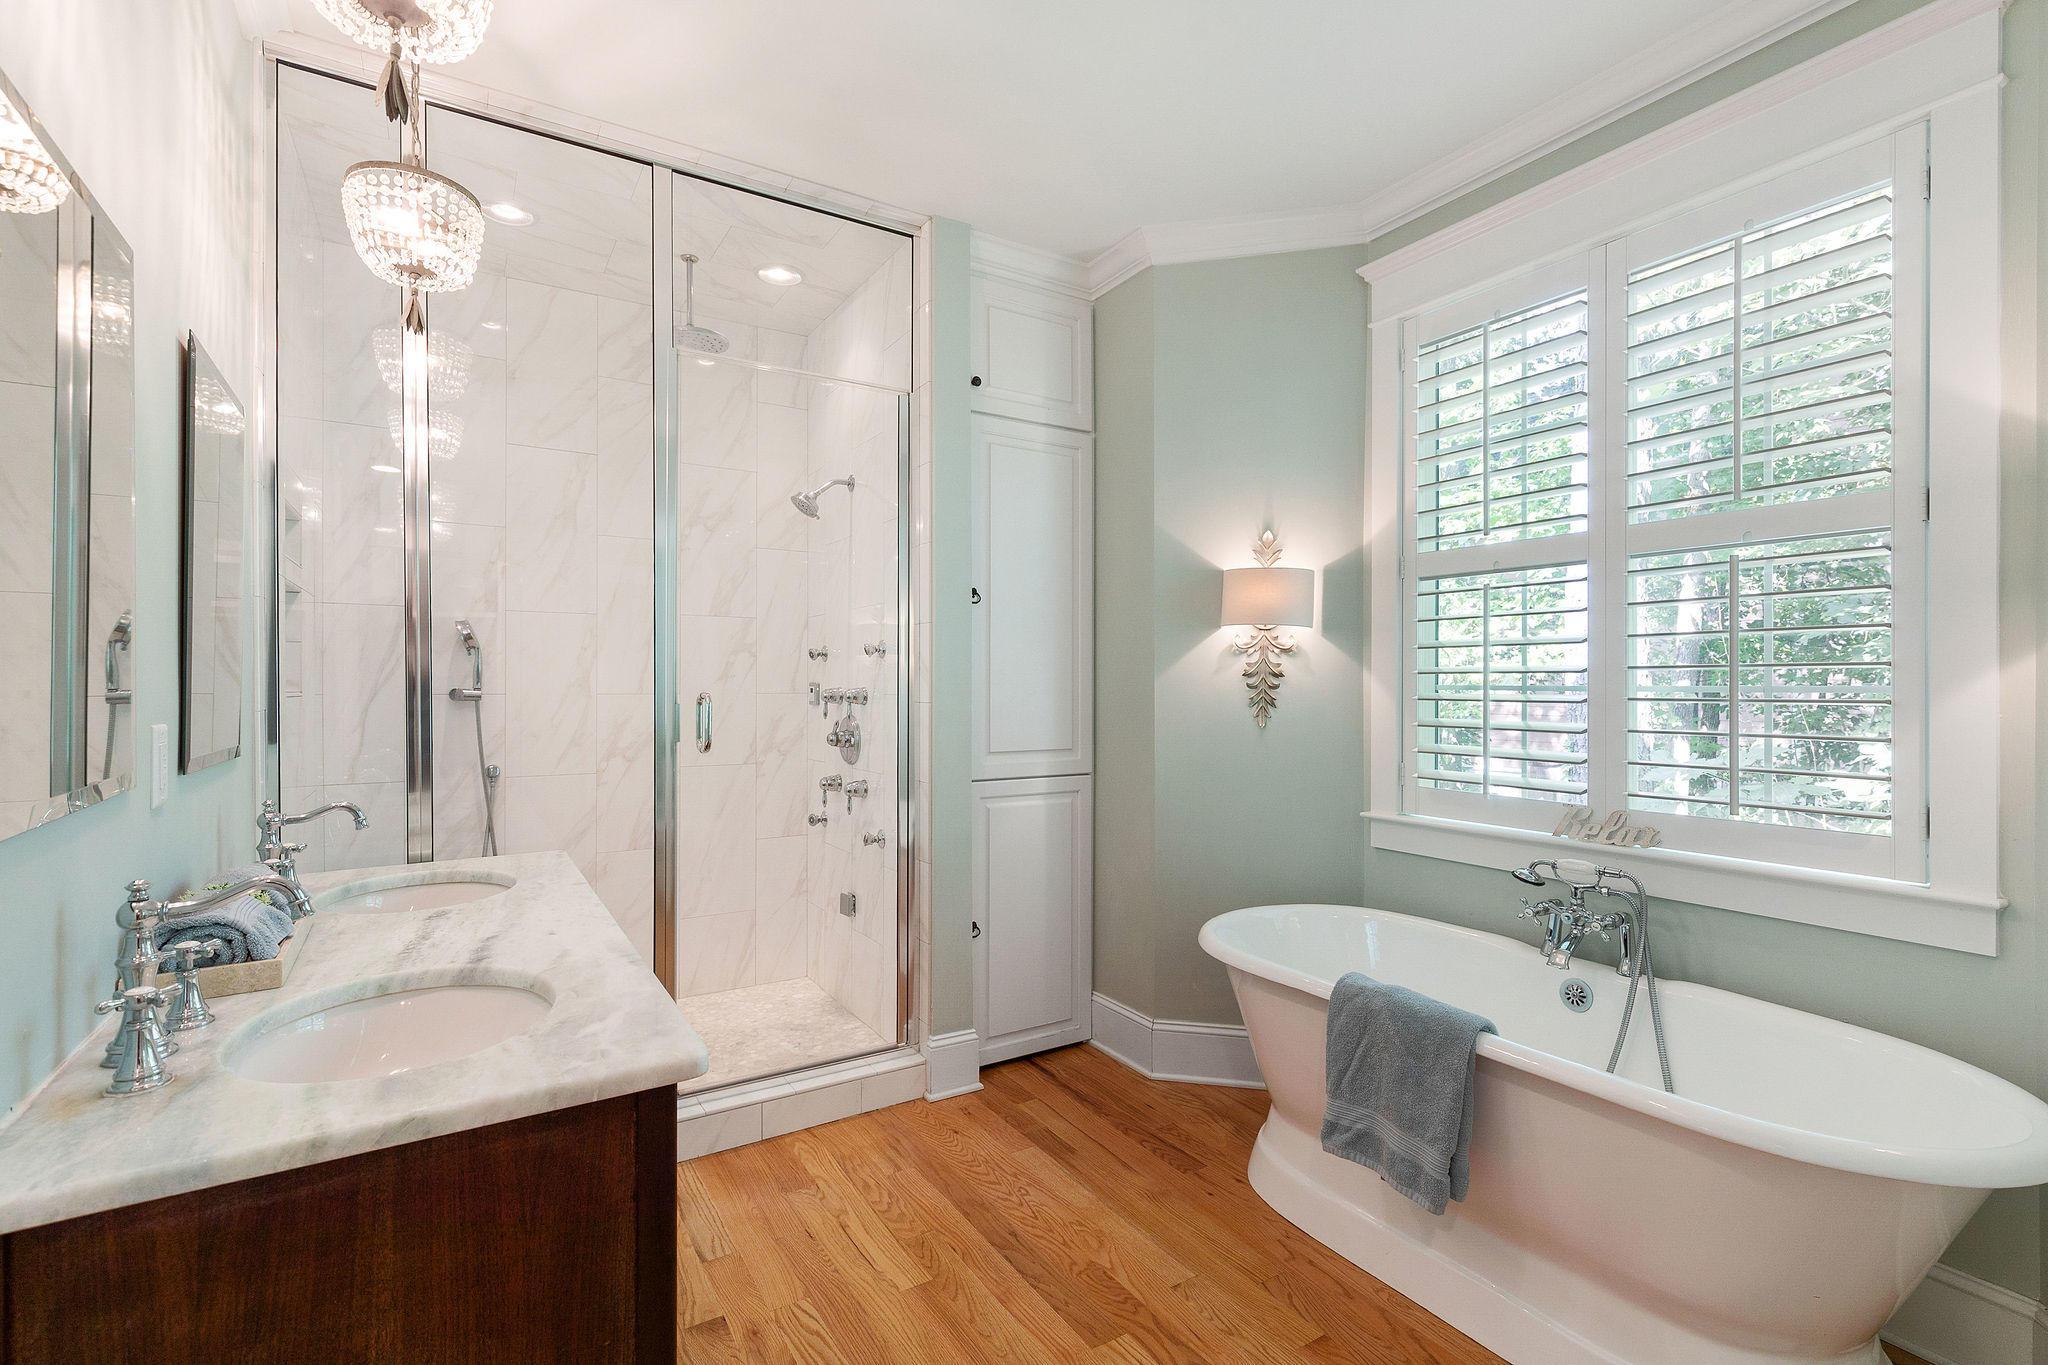 Dunes West Homes For Sale - 3201 Cottonfield, Mount Pleasant, SC - 31